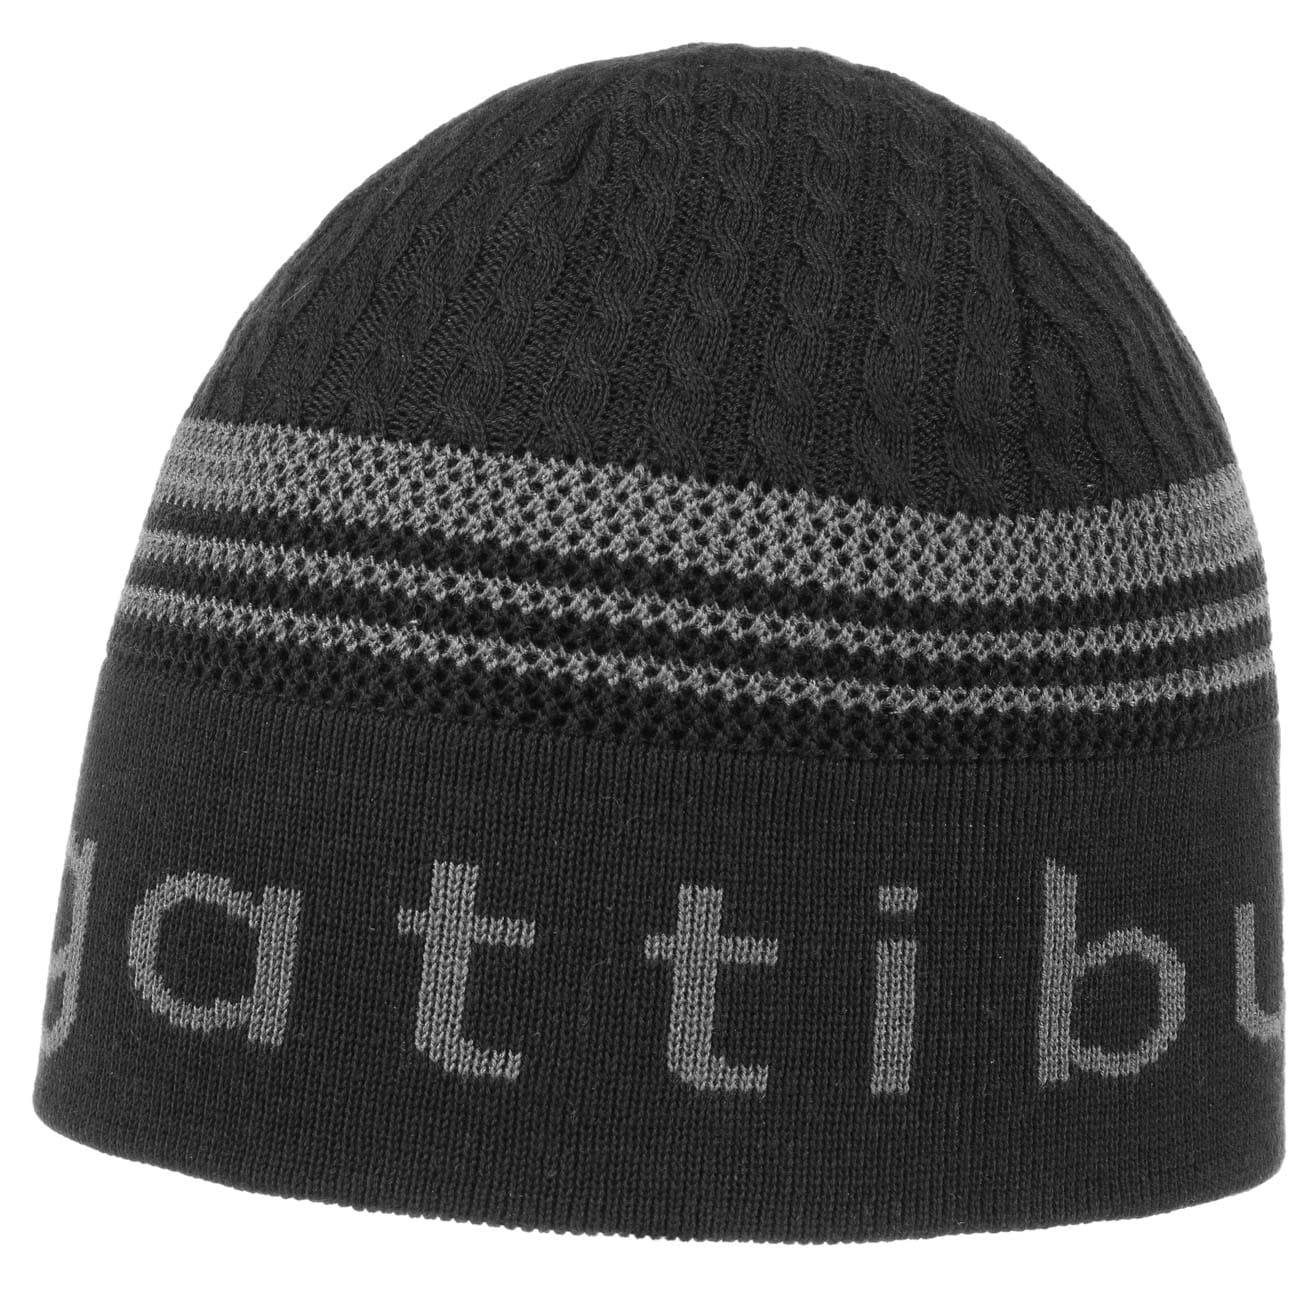 7c95449de9de6 Bonnet en Tricot Basic Stripes by bugatti bonnet pour l`hiver